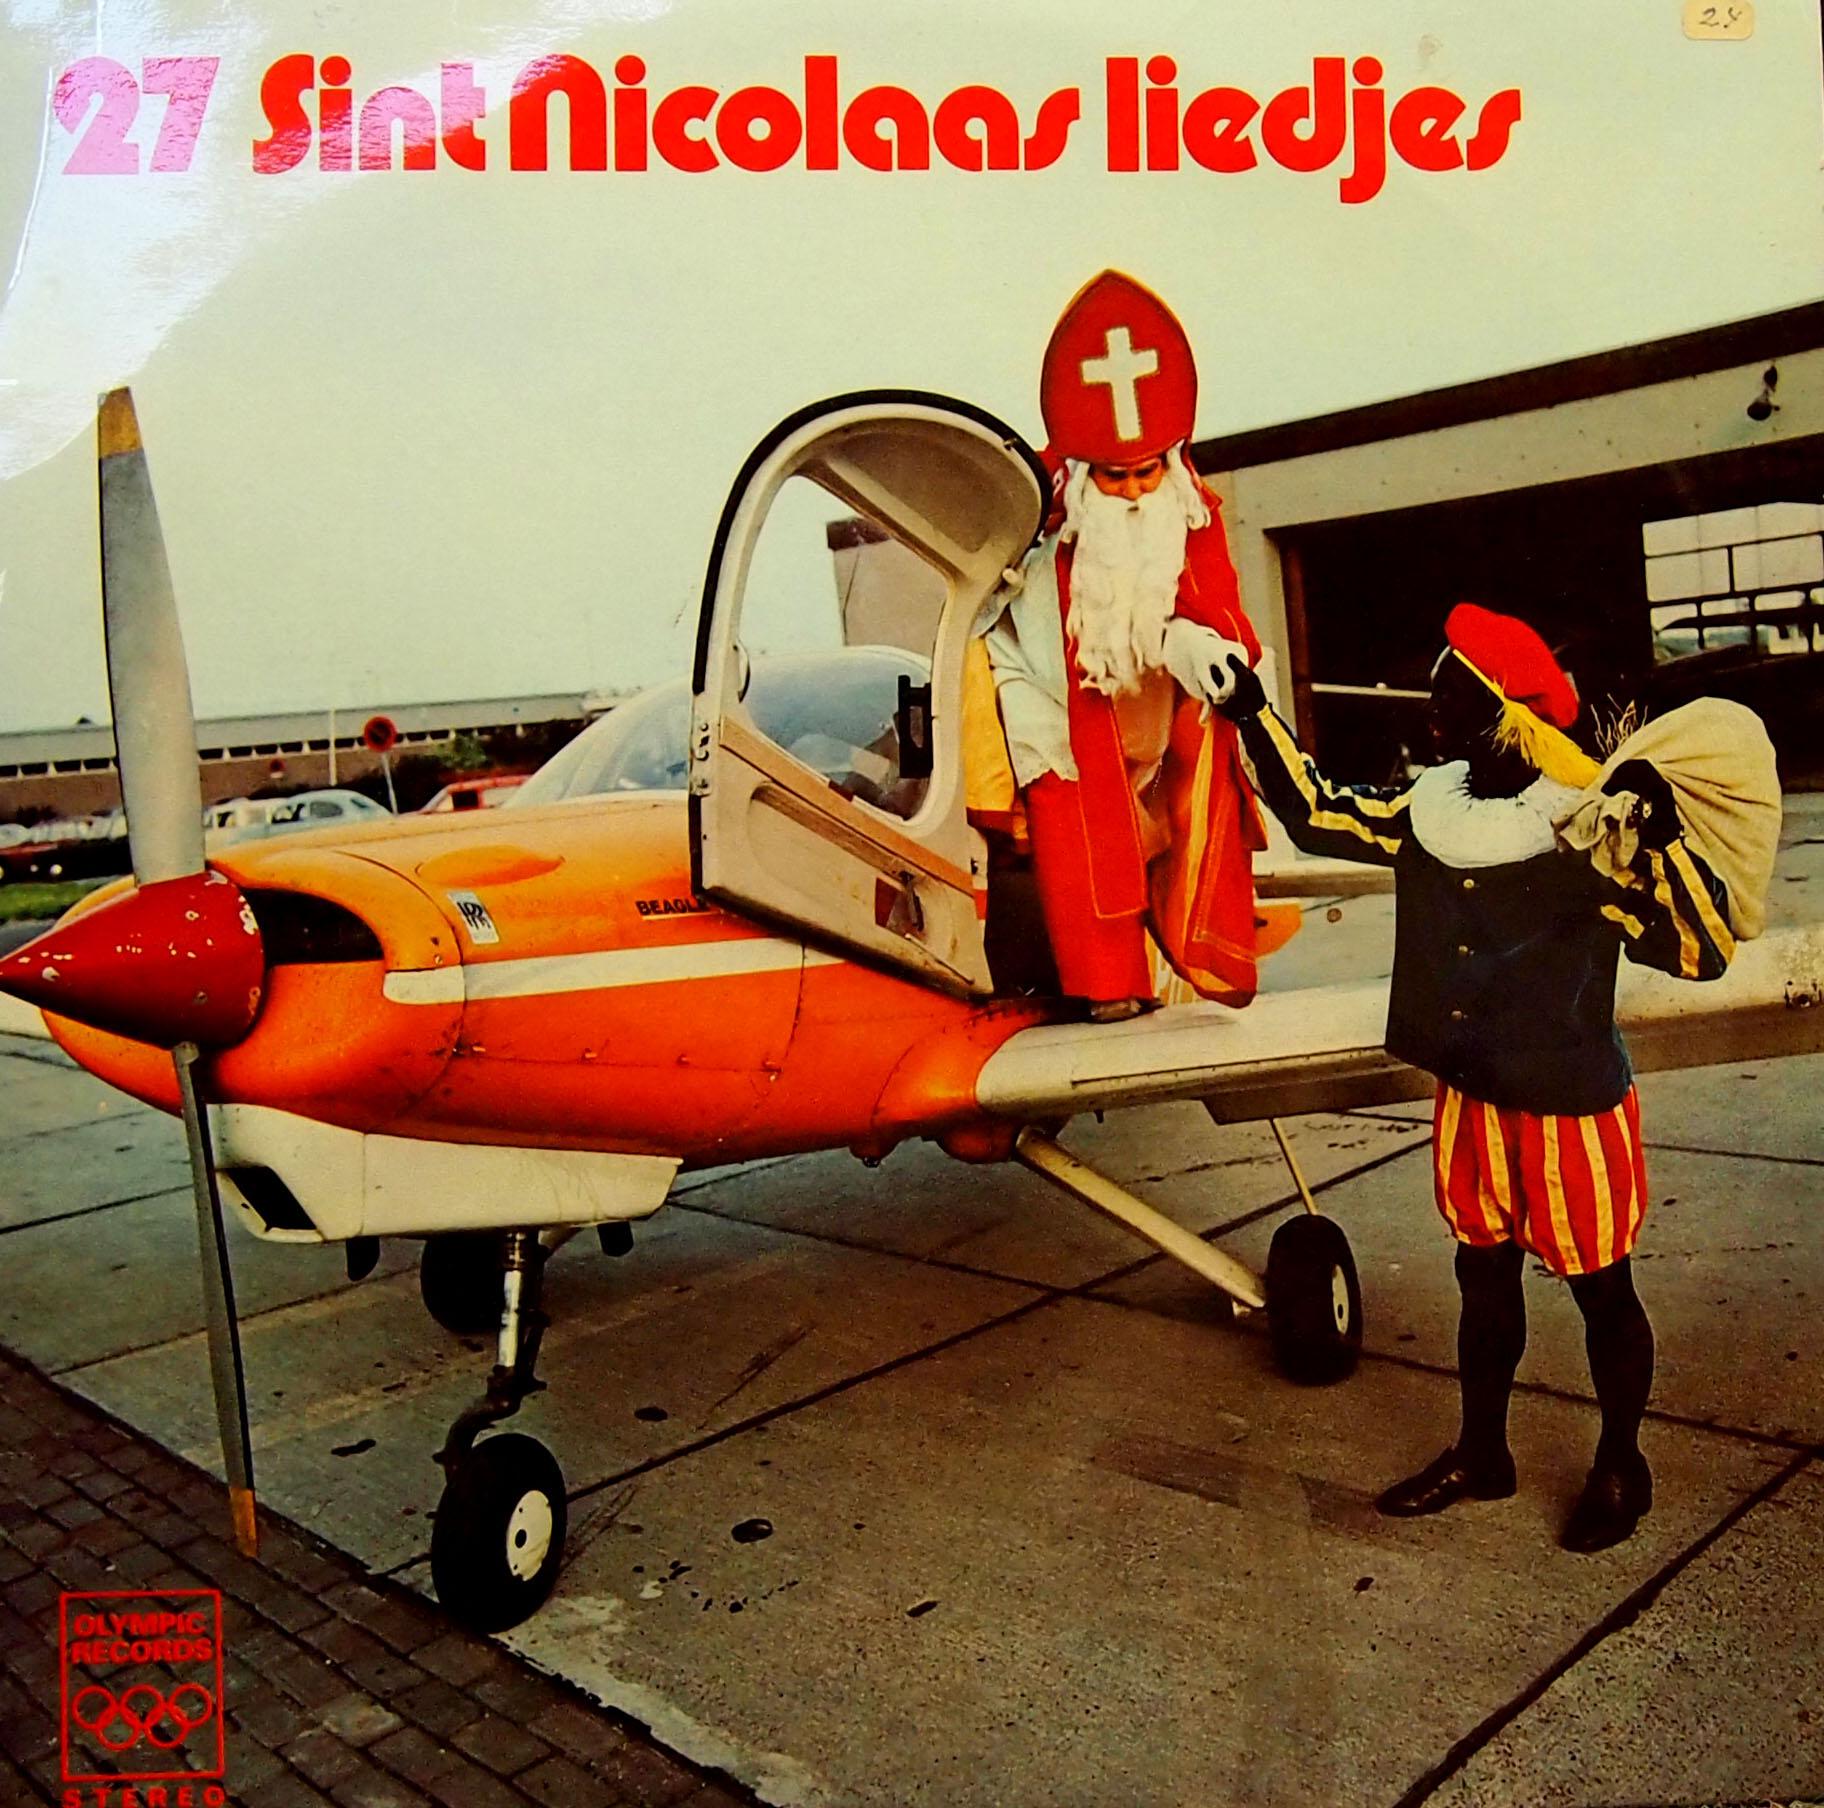 Sinterklaasje kom maar binnen met je vliegtuig?